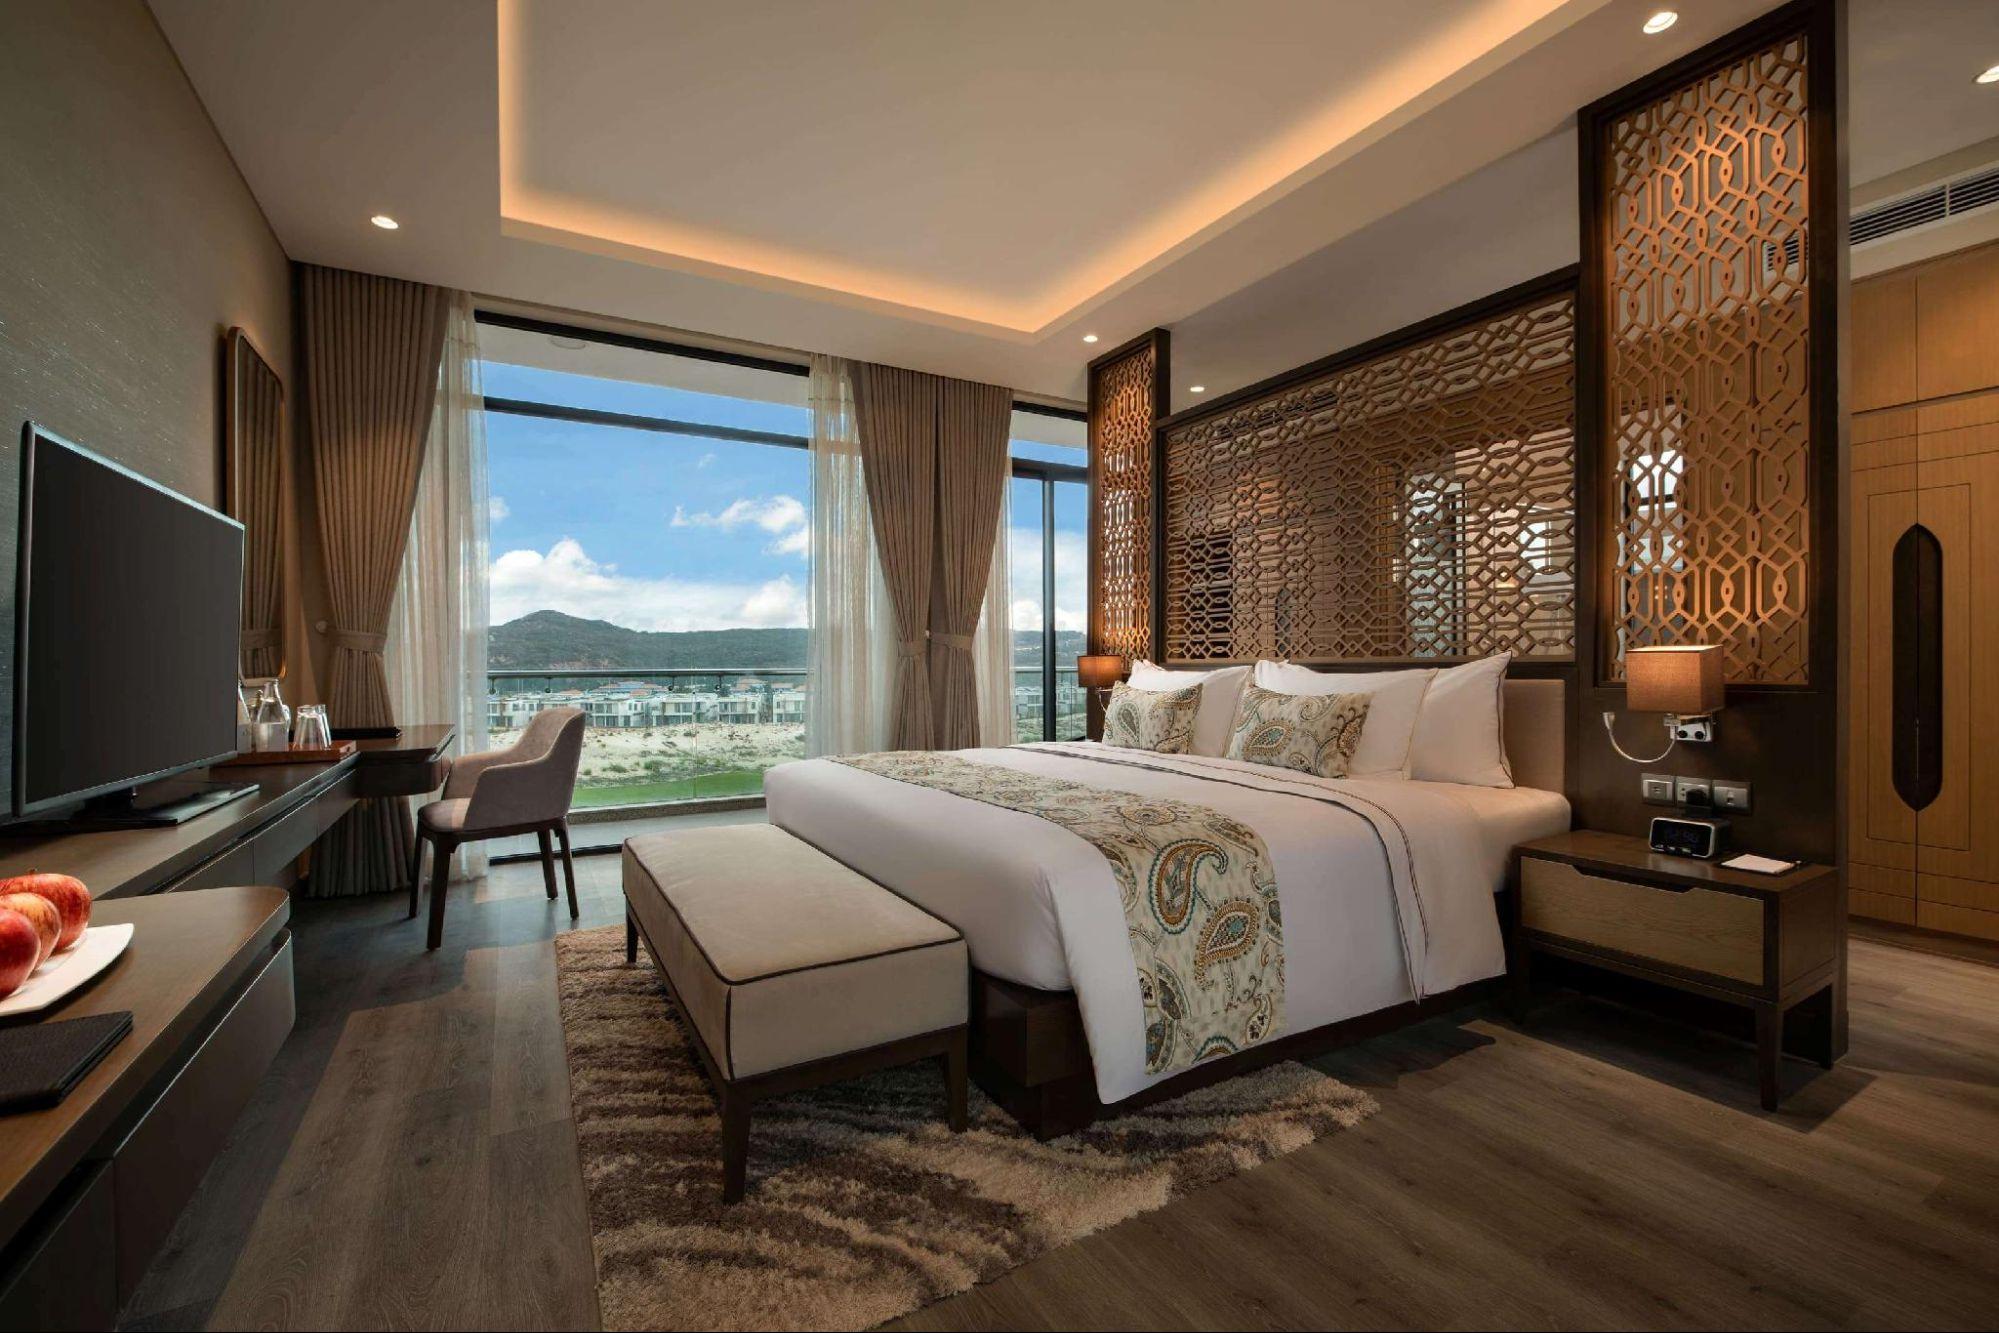 top 4 khách sạn tốt nhất tại nha trang mà du khách nên biết 4